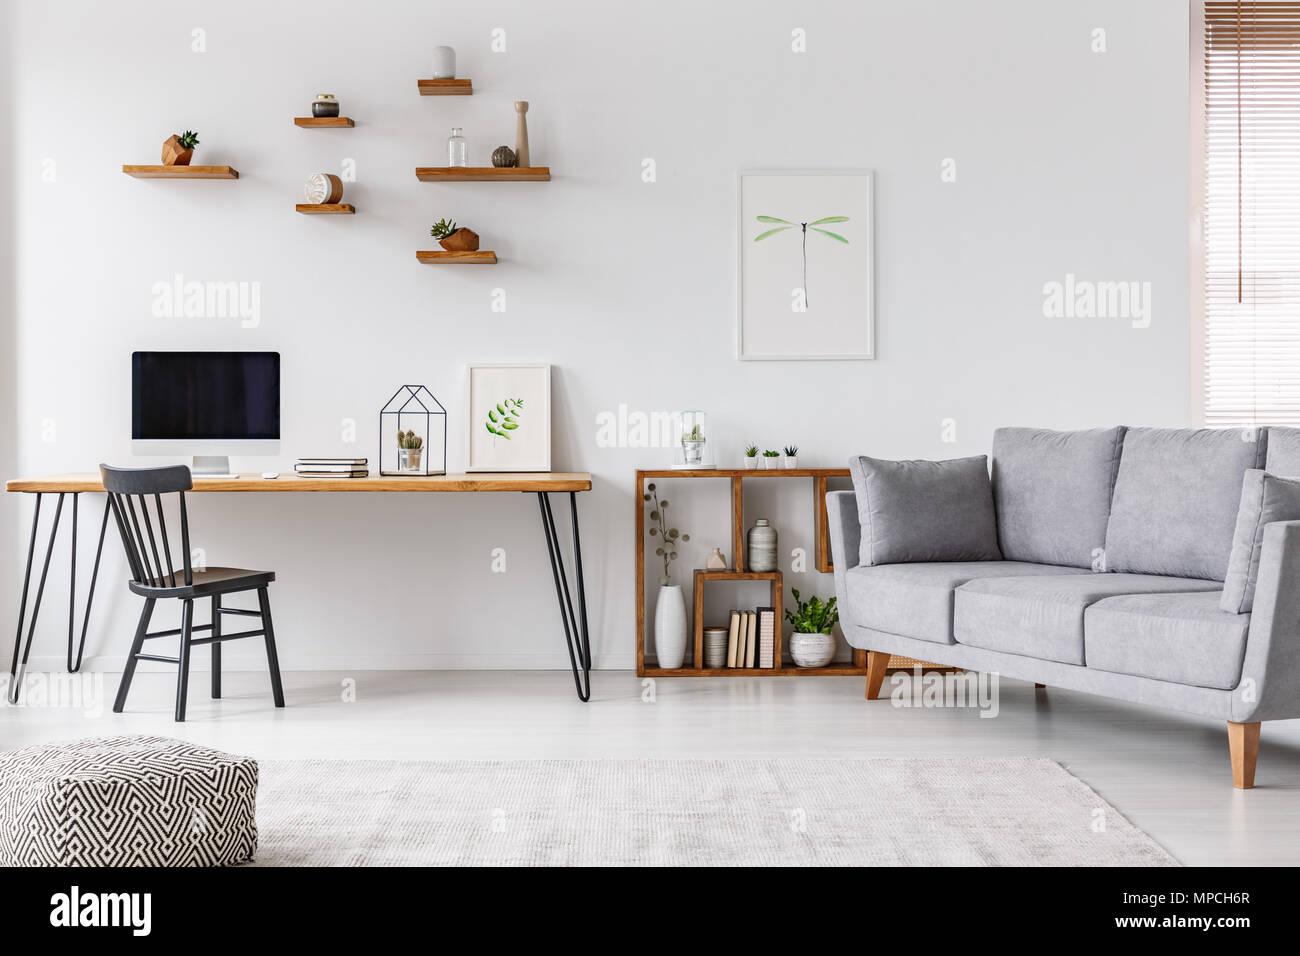 Divano grigio vicino al nero sedia alla scrivania con computer monitor in spazio aperto interno con poster. Foto reale Immagini Stock